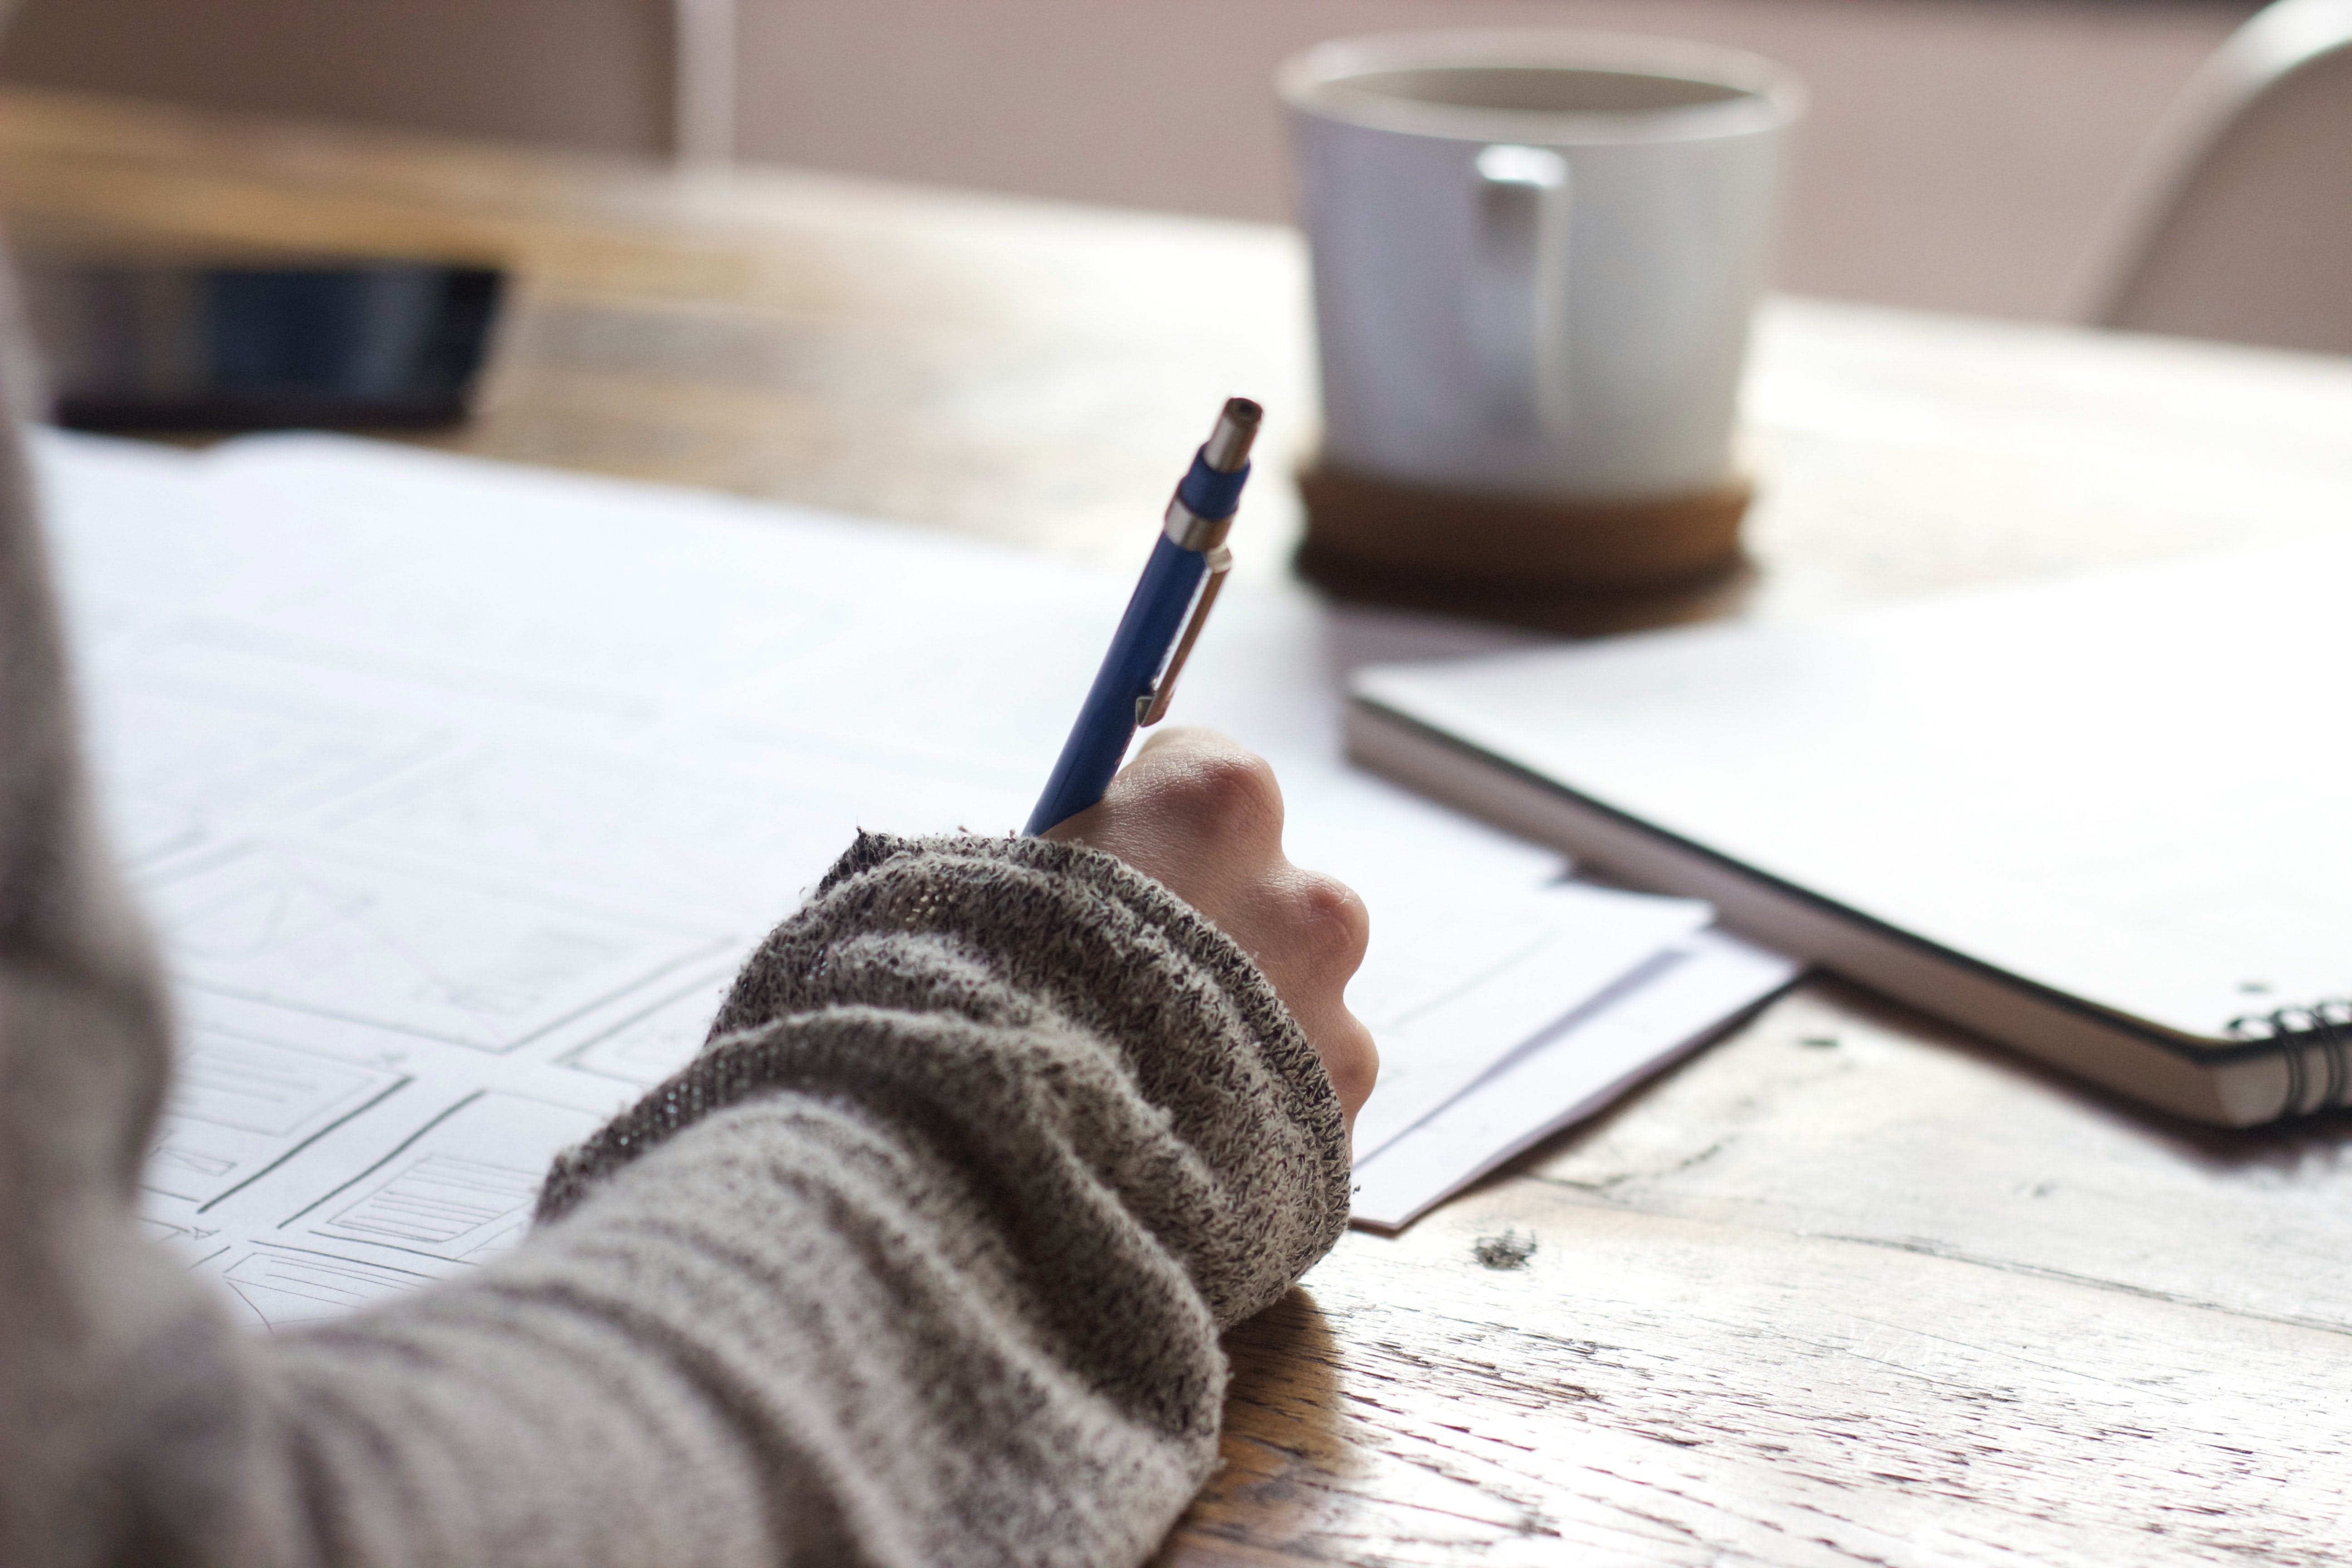 Comment obtenir le recouvrement d'une facture?